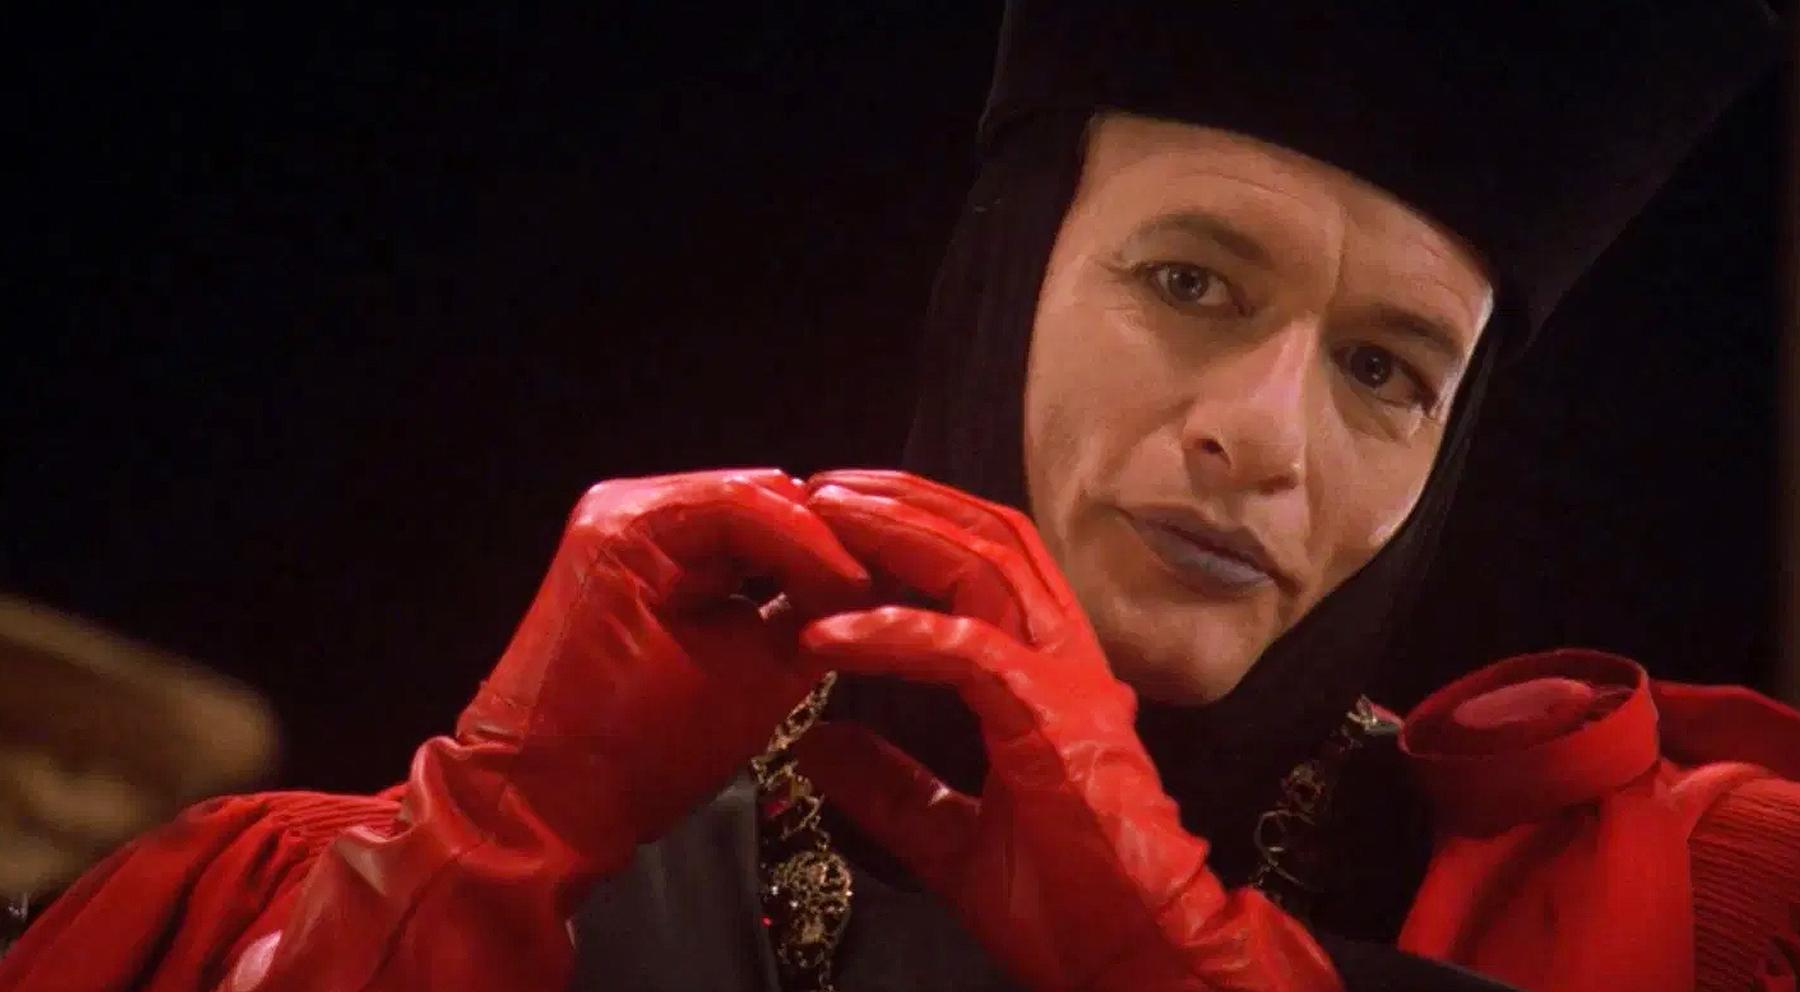 L'entité espiègle Q s'est emmêlée pour la dernière fois avec le capitaine Picard dans